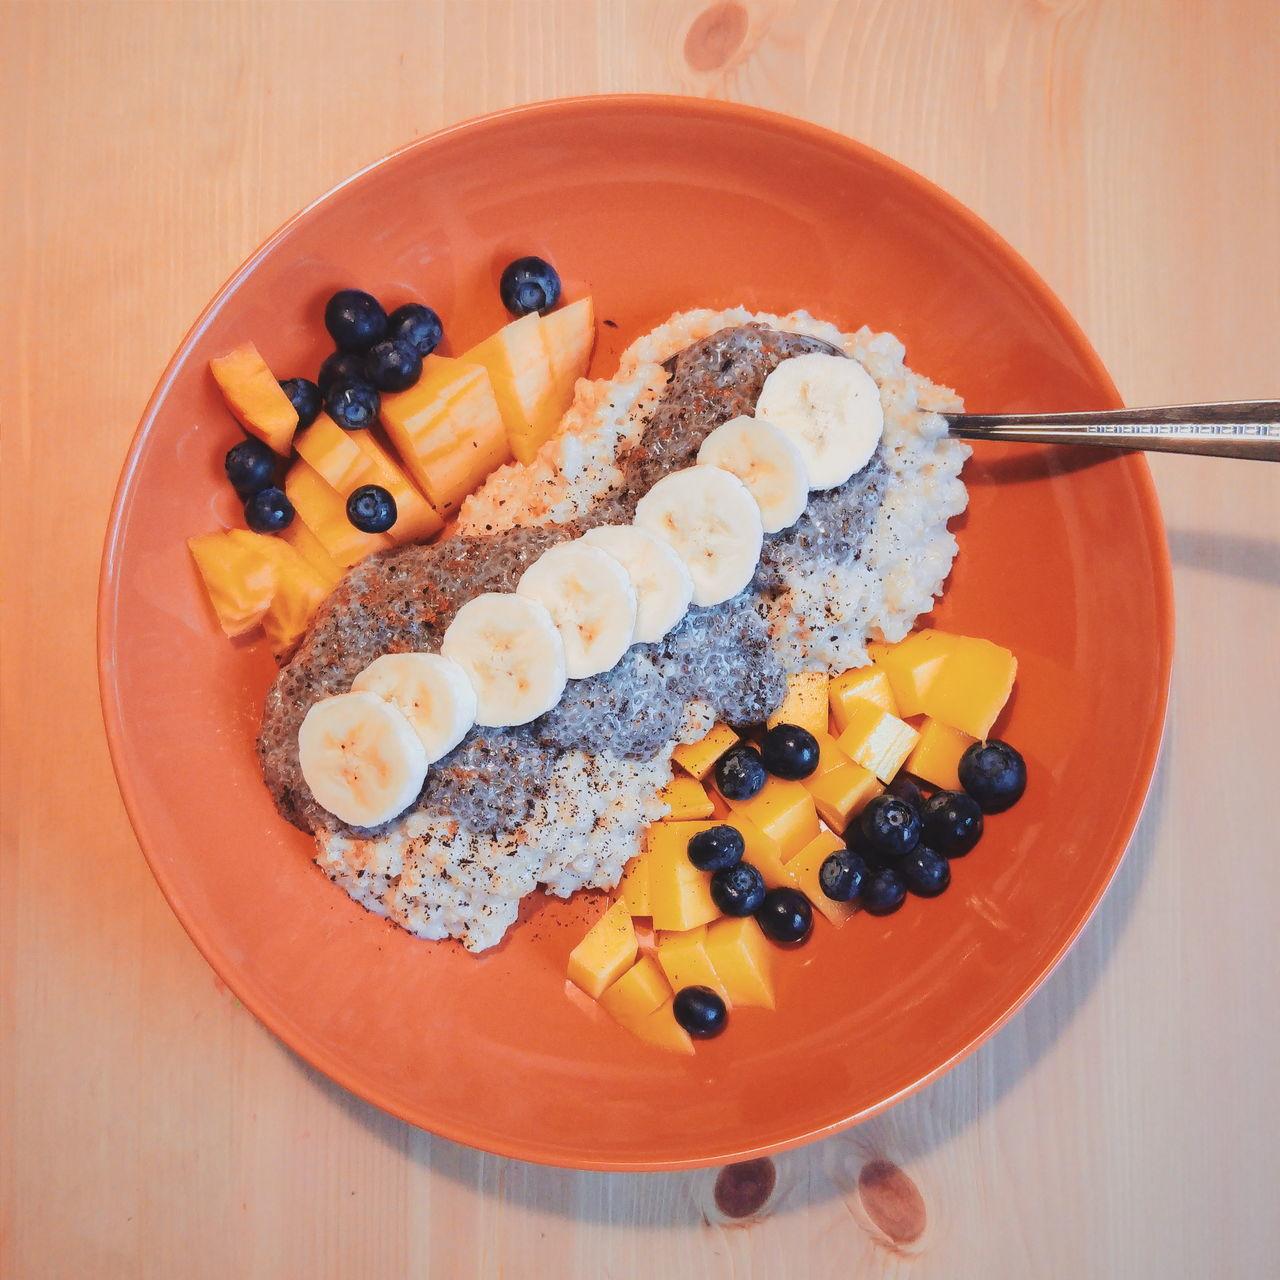 Beautiful stock photos of banana, Banana, Berry, Close-Up, Food